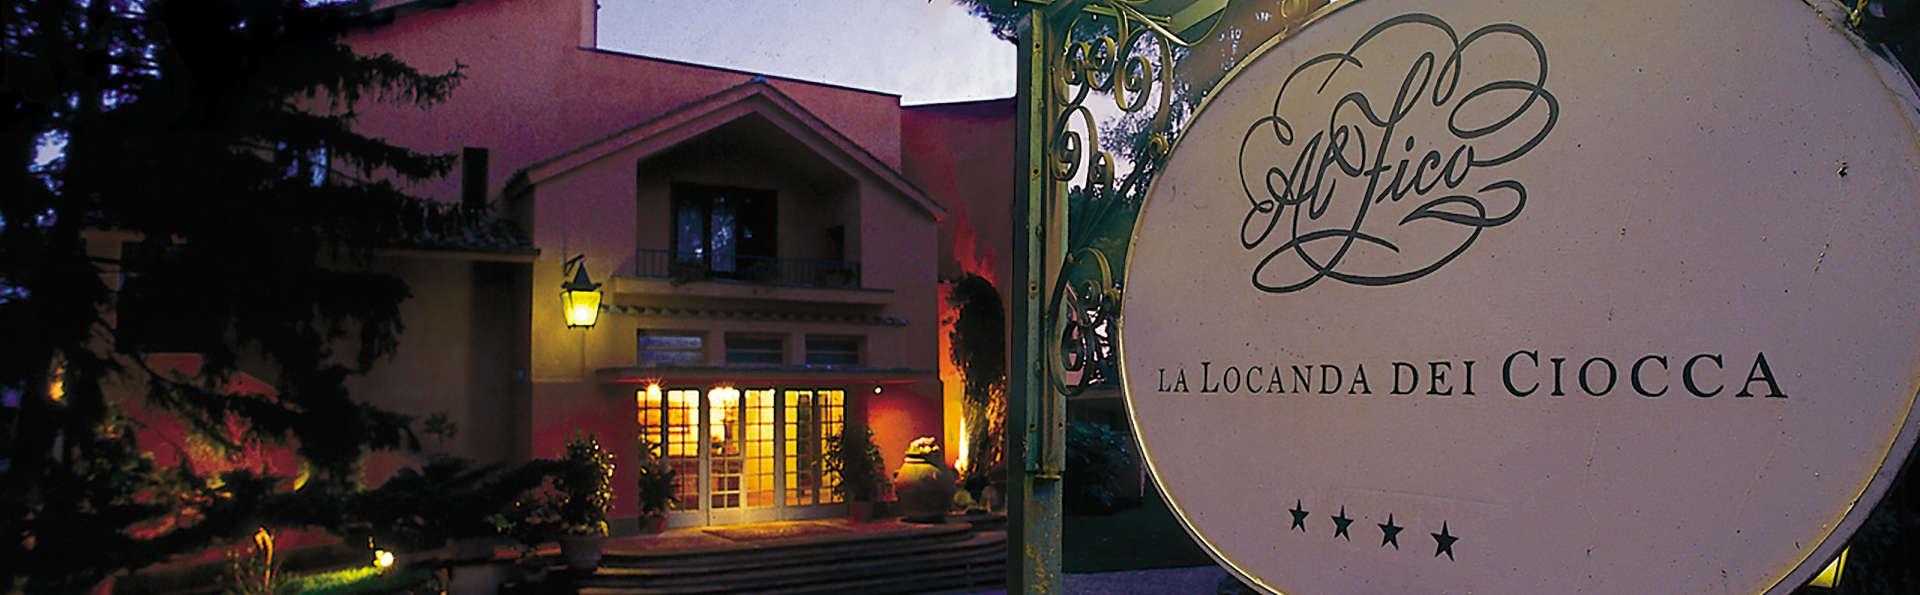 Hotel La Locanda dei Ciocca - Edit_Front2.jpg